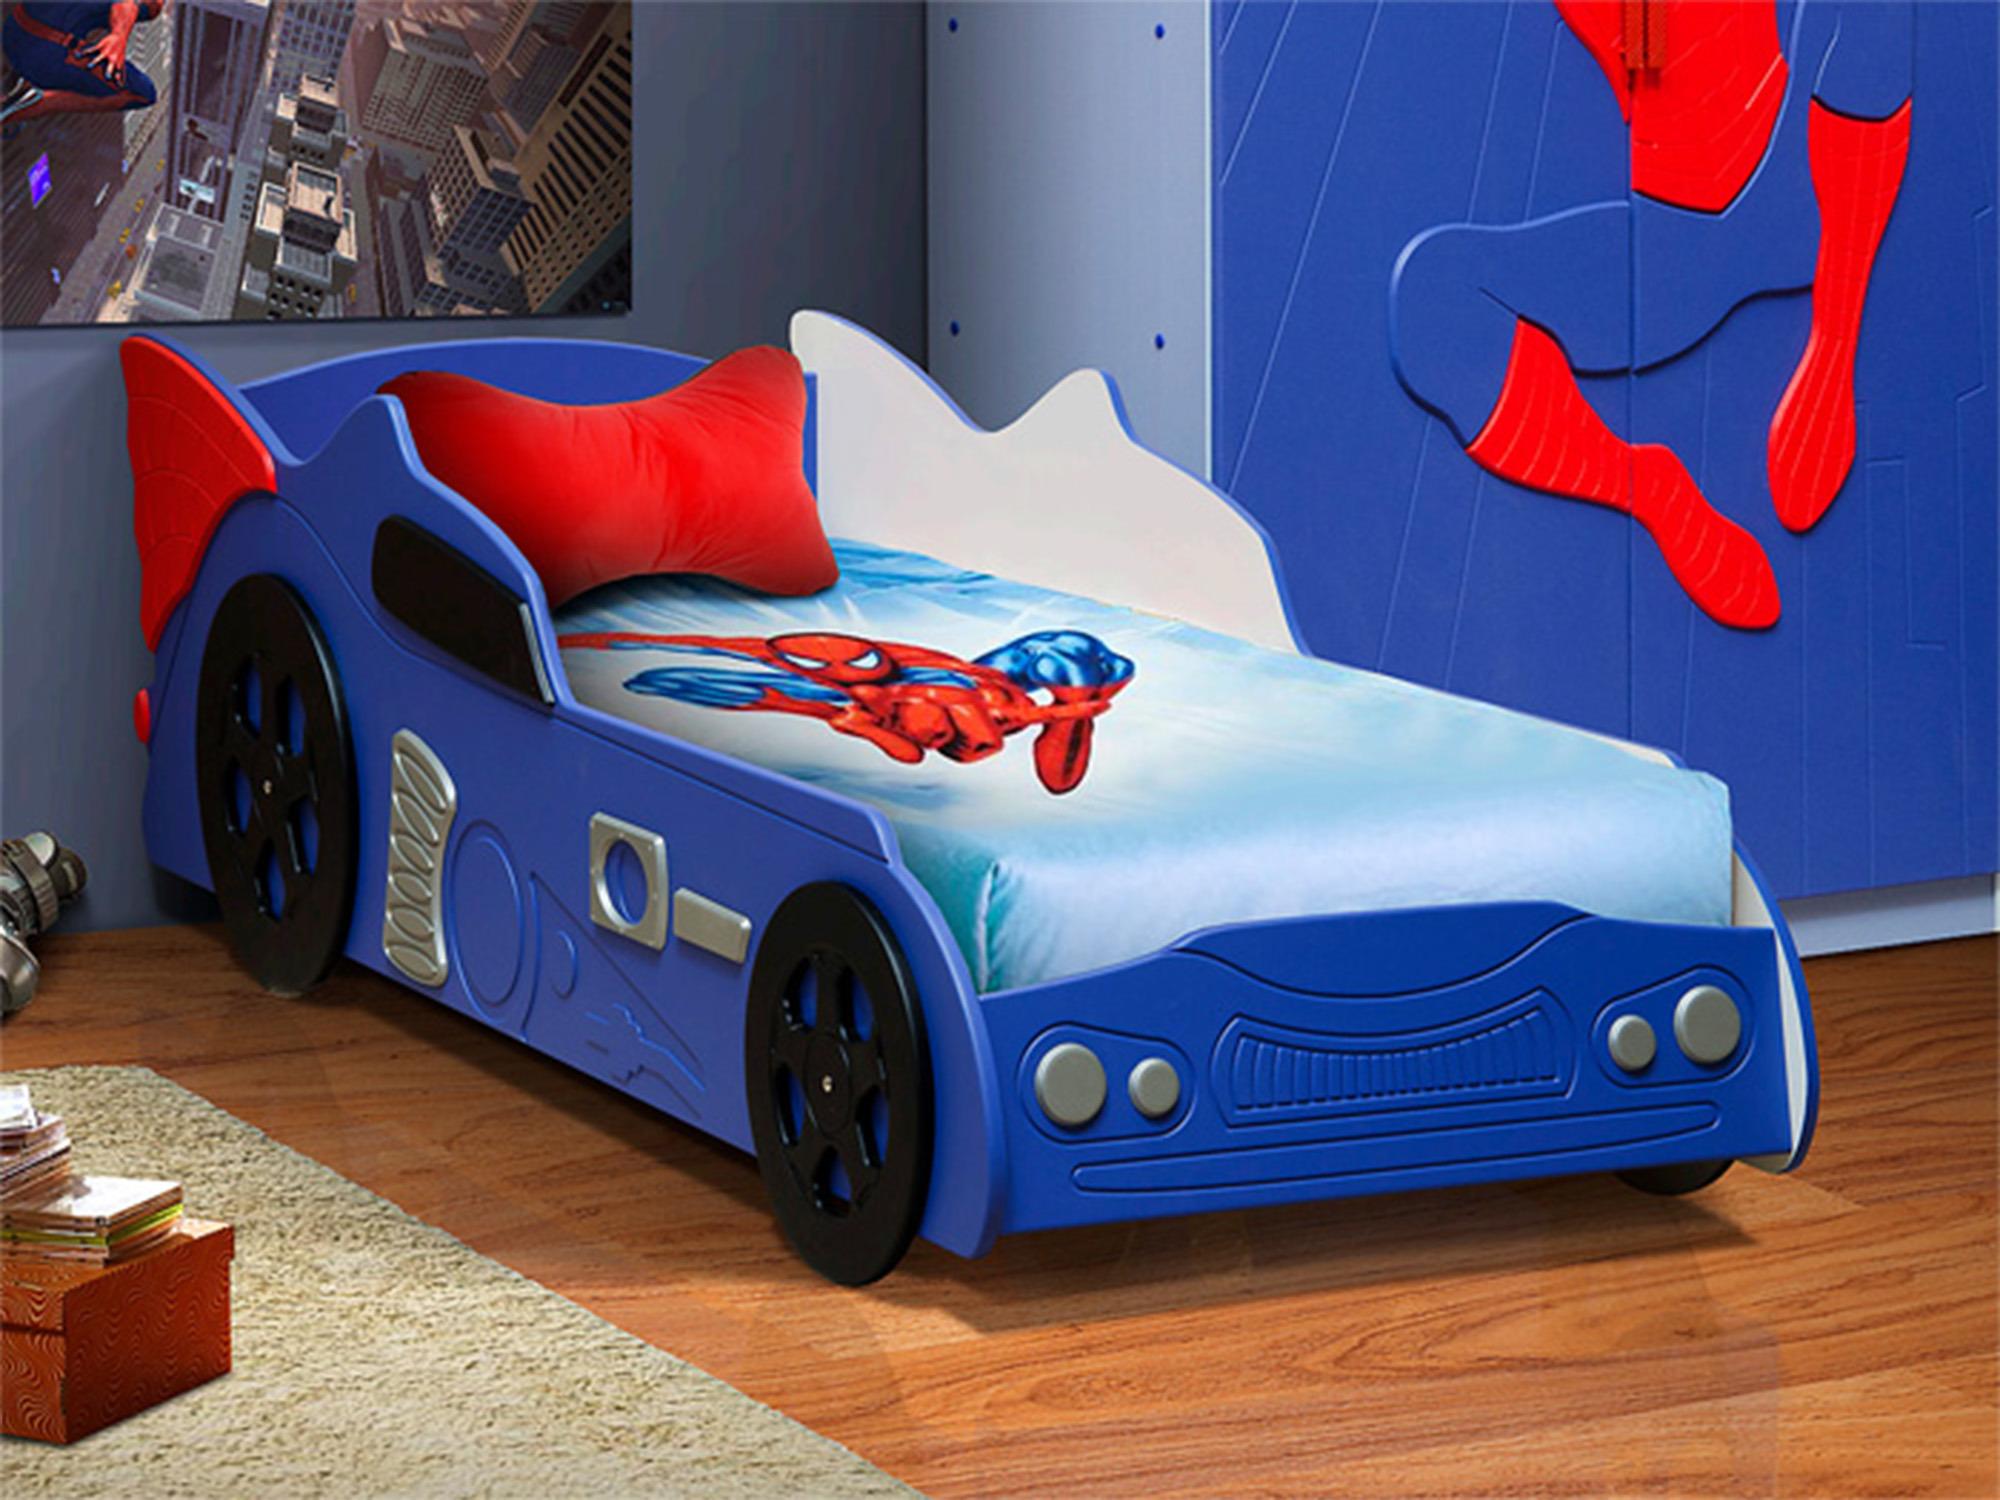 Кровать ПаукДетские кровати<br><br><br>Длина мм: 880<br>Высота мм: 600<br>Глубина мм: 2100